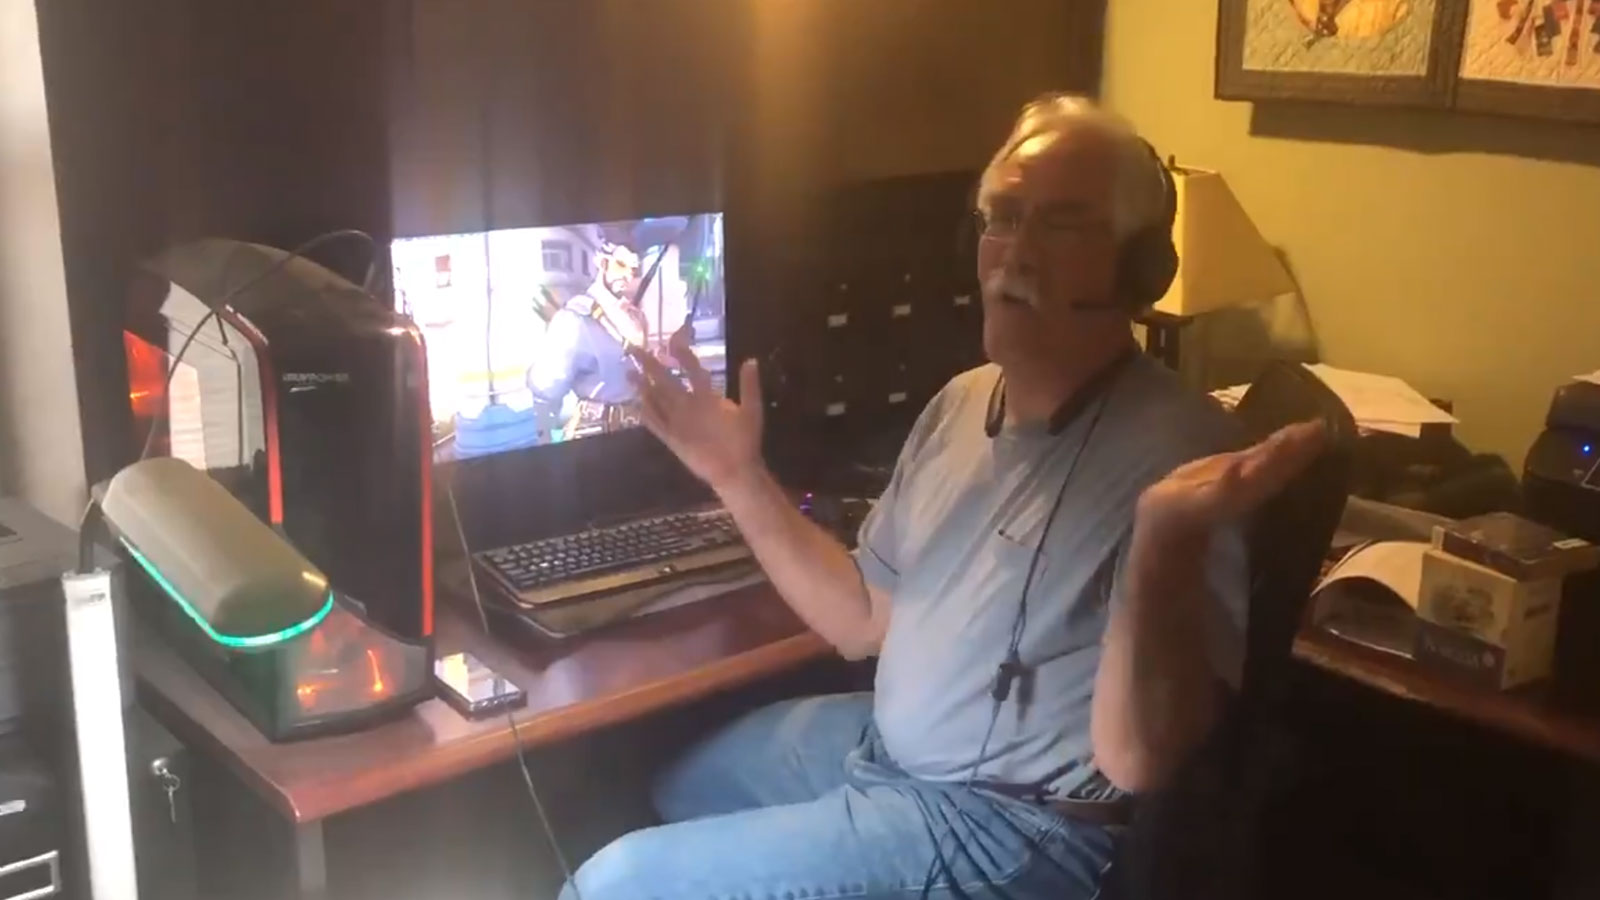 Il partage un vidéo de son père en train de jouer et créé le buzz